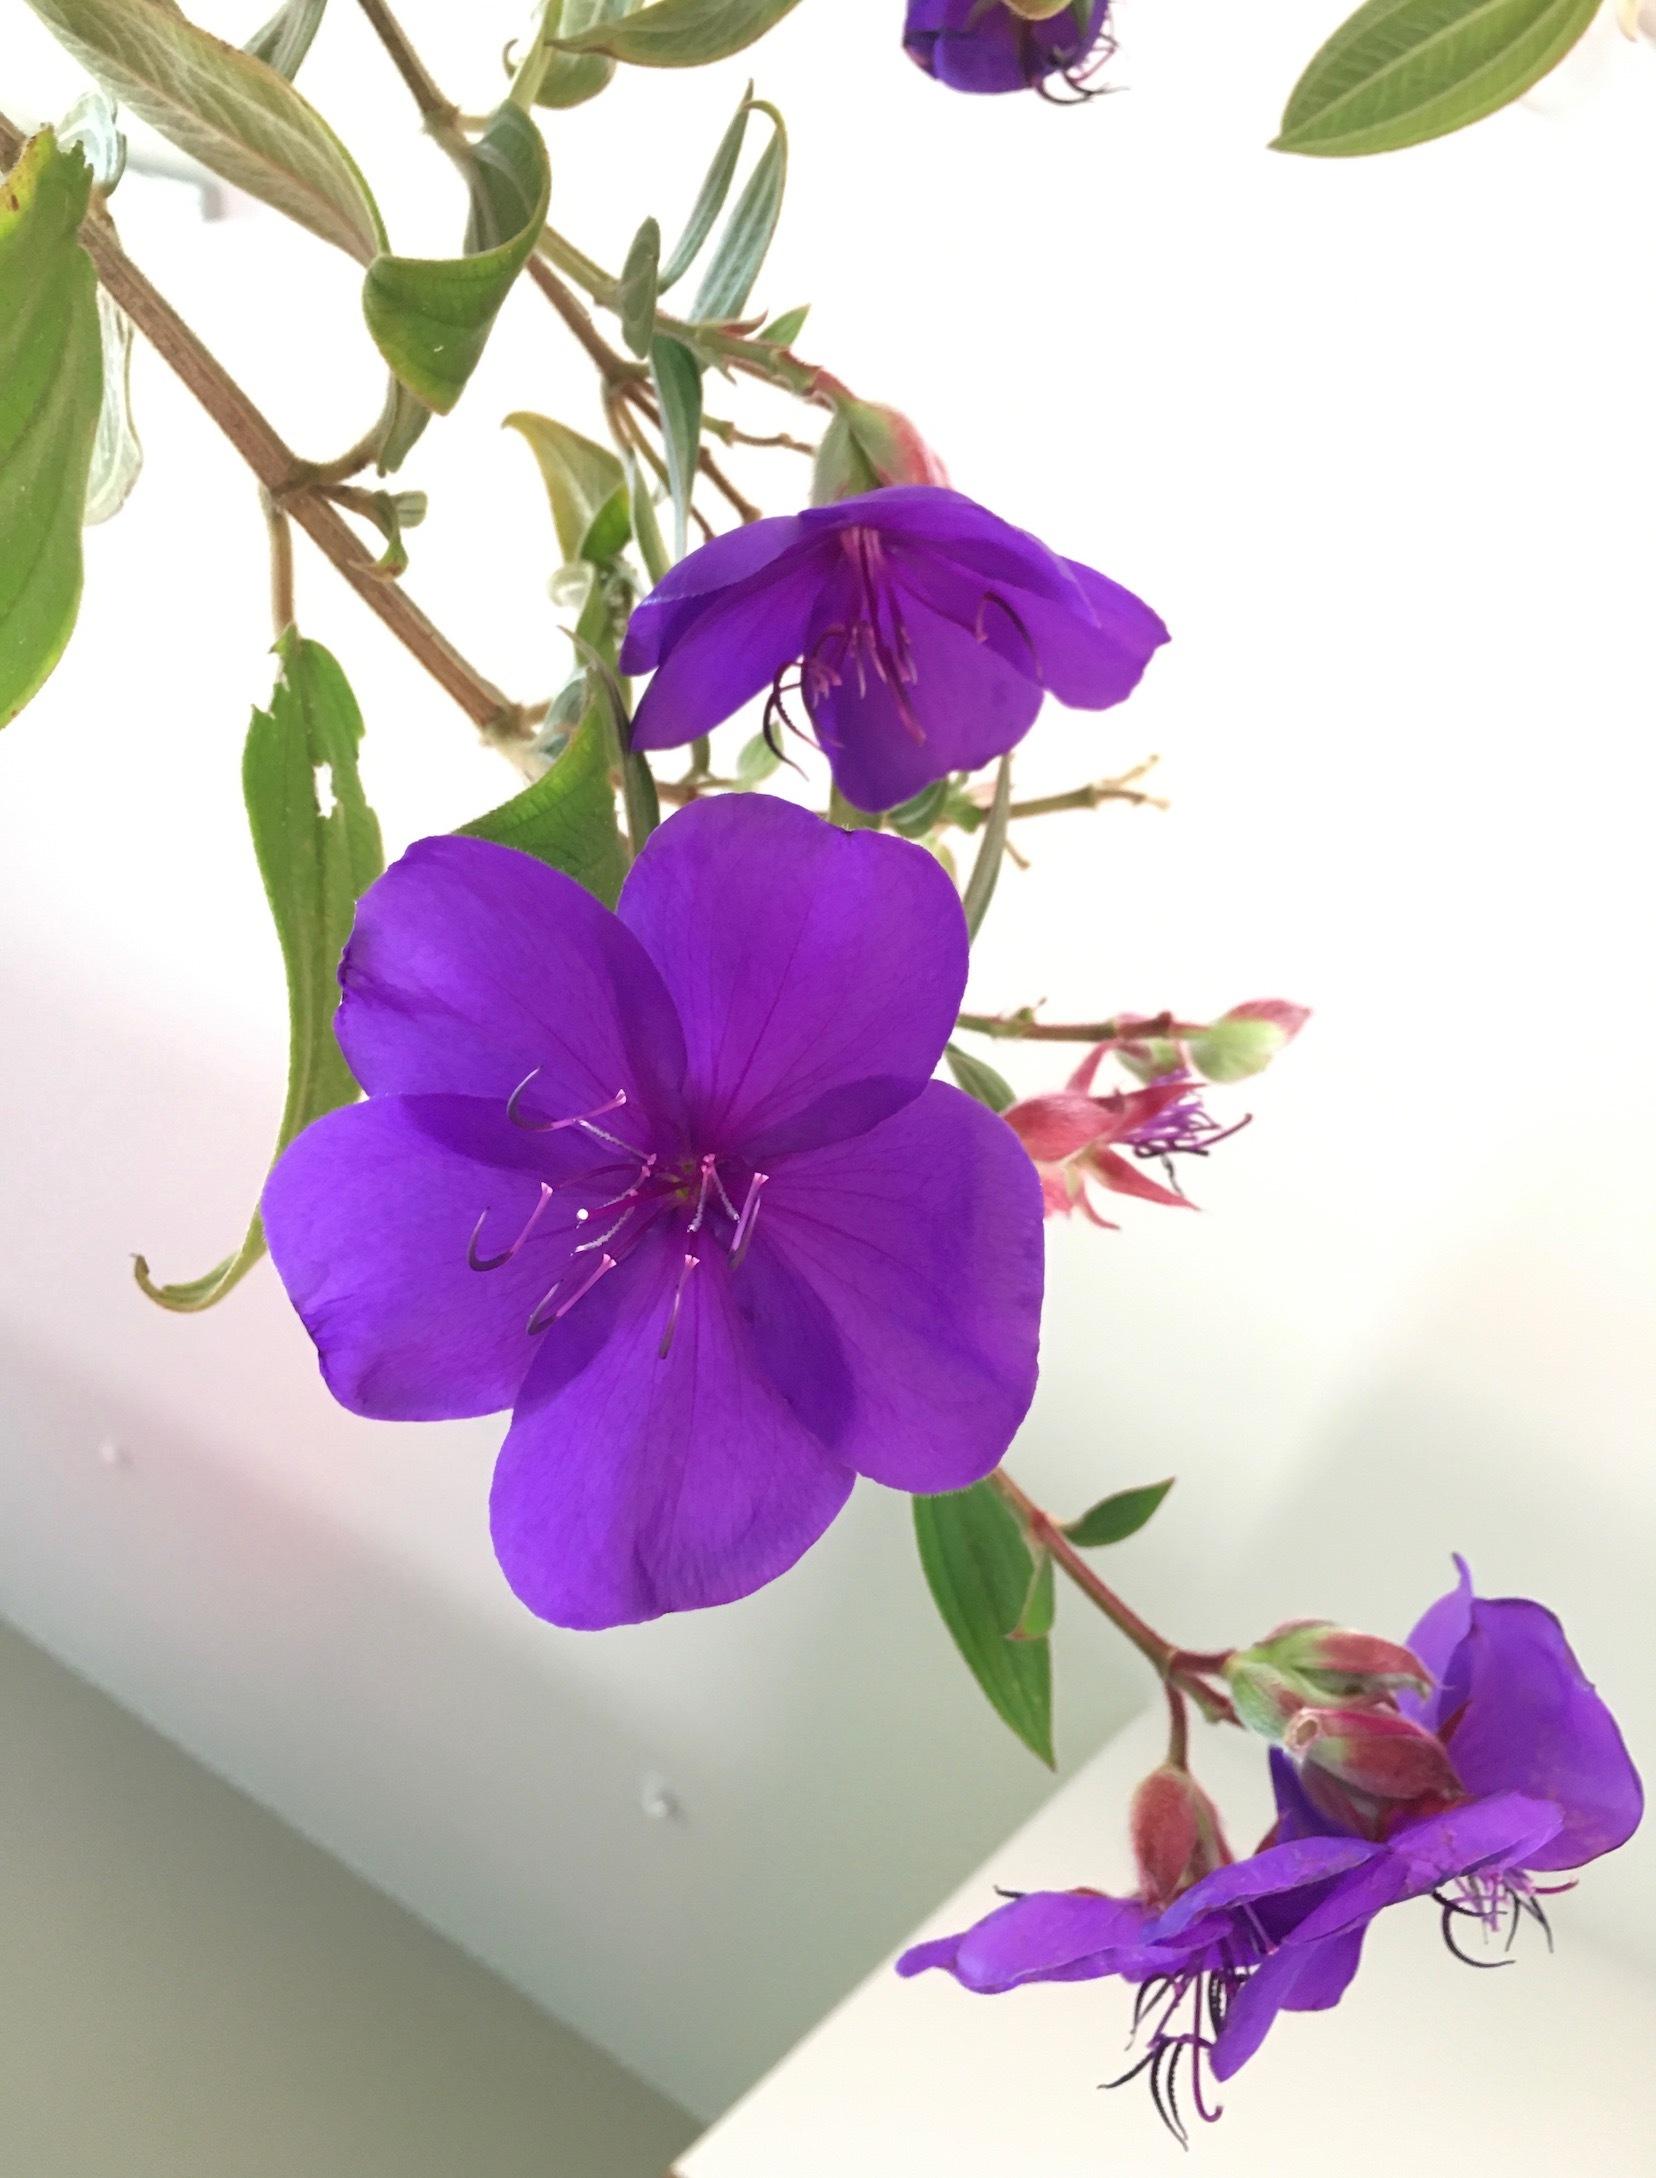 ソーシャルメディアについて思うこと/ May Flowers, Mushrooms, Cookies_e0310424_20085872.jpg